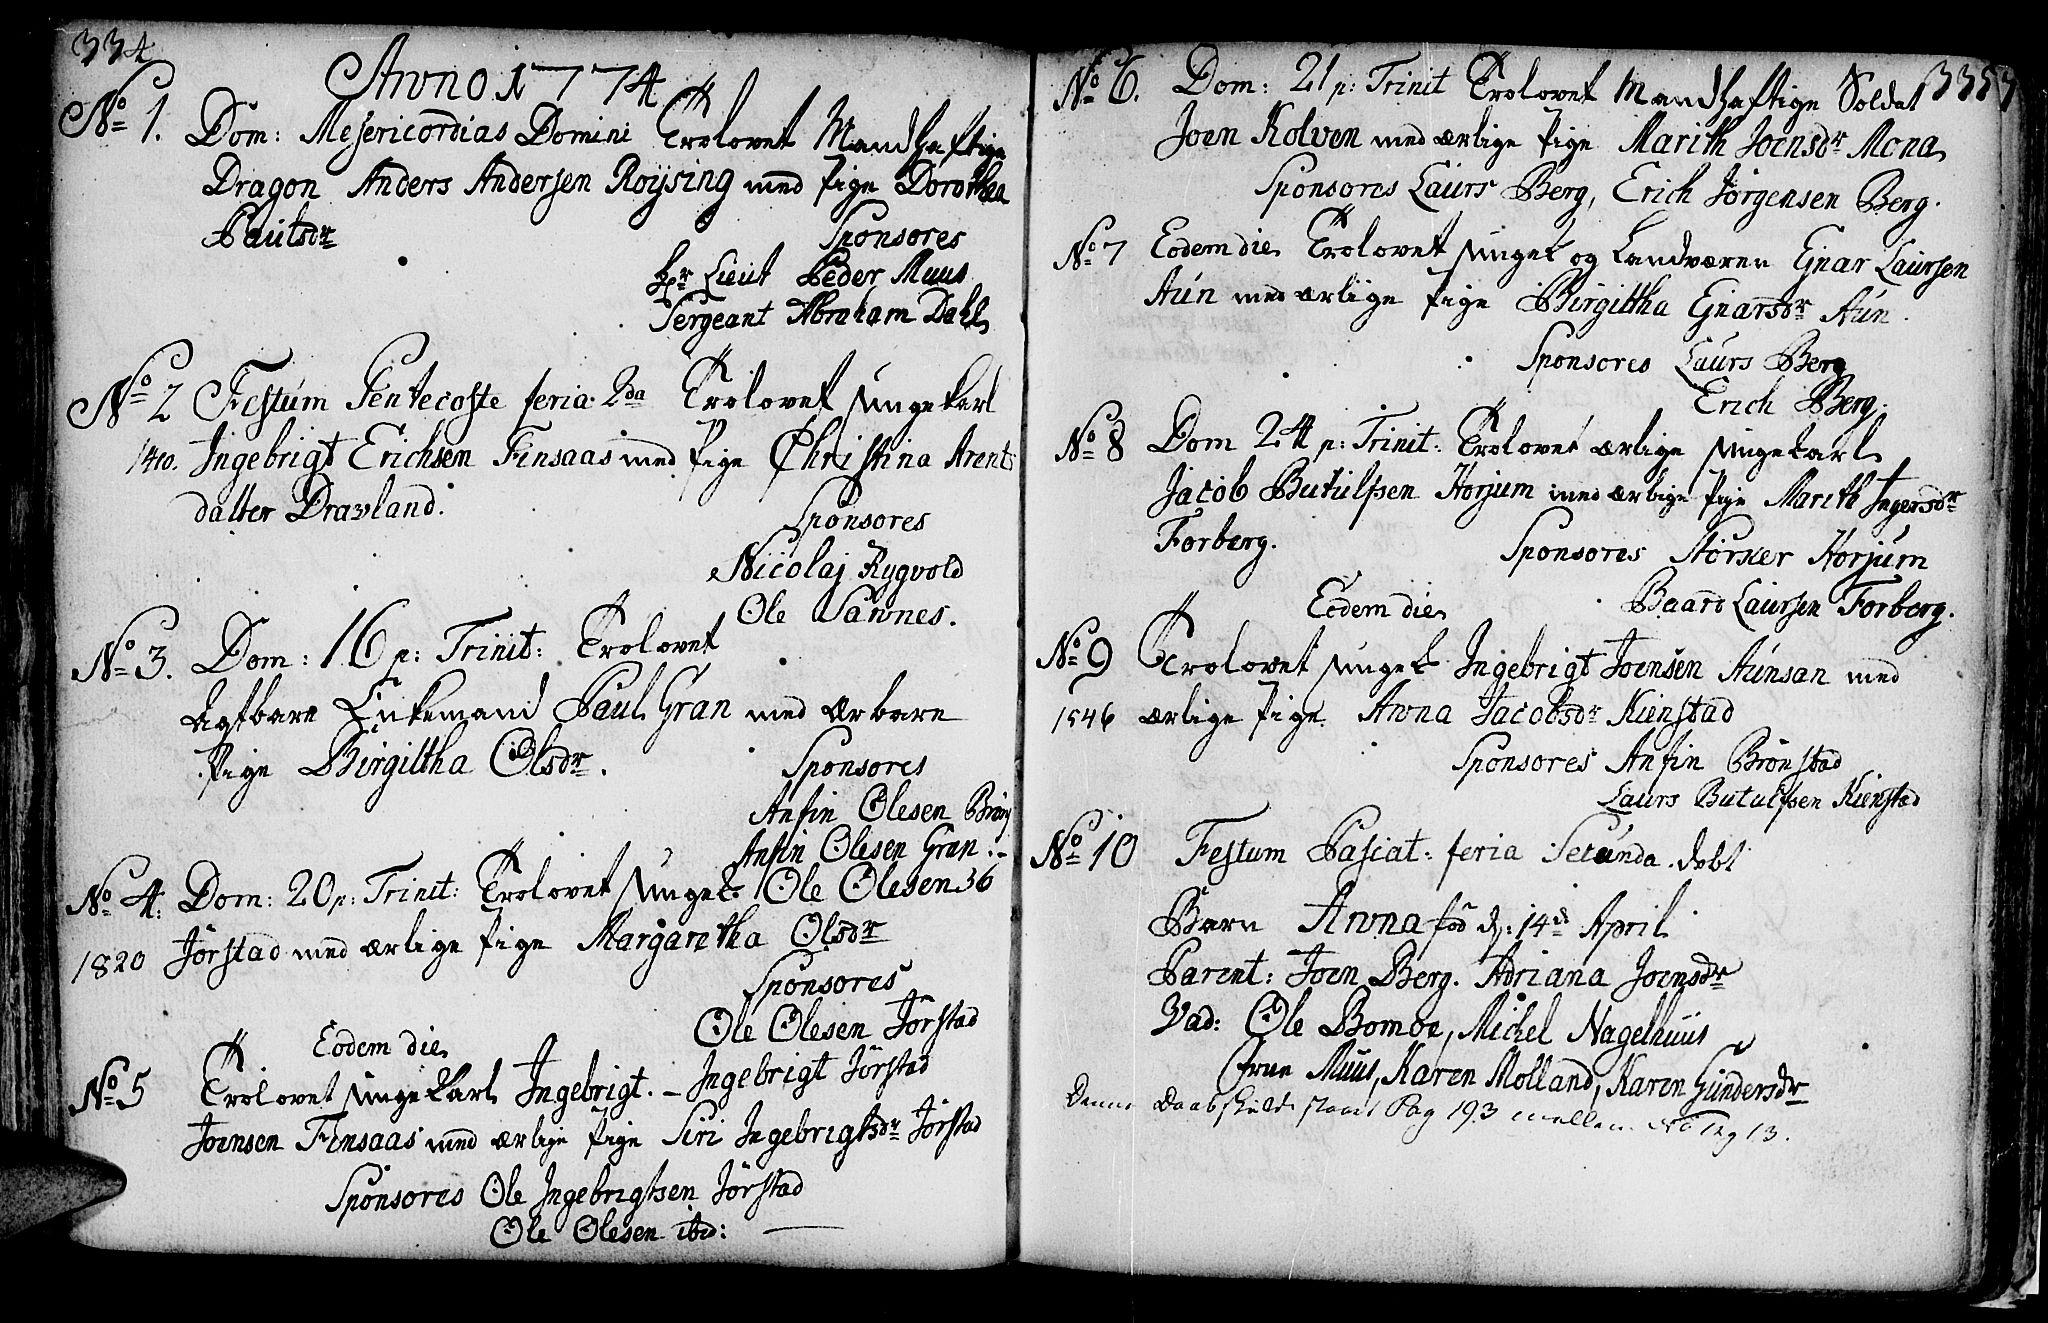 SAT, Ministerialprotokoller, klokkerbøker og fødselsregistre - Nord-Trøndelag, 749/L0467: Ministerialbok nr. 749A01, 1733-1787, s. 334-335